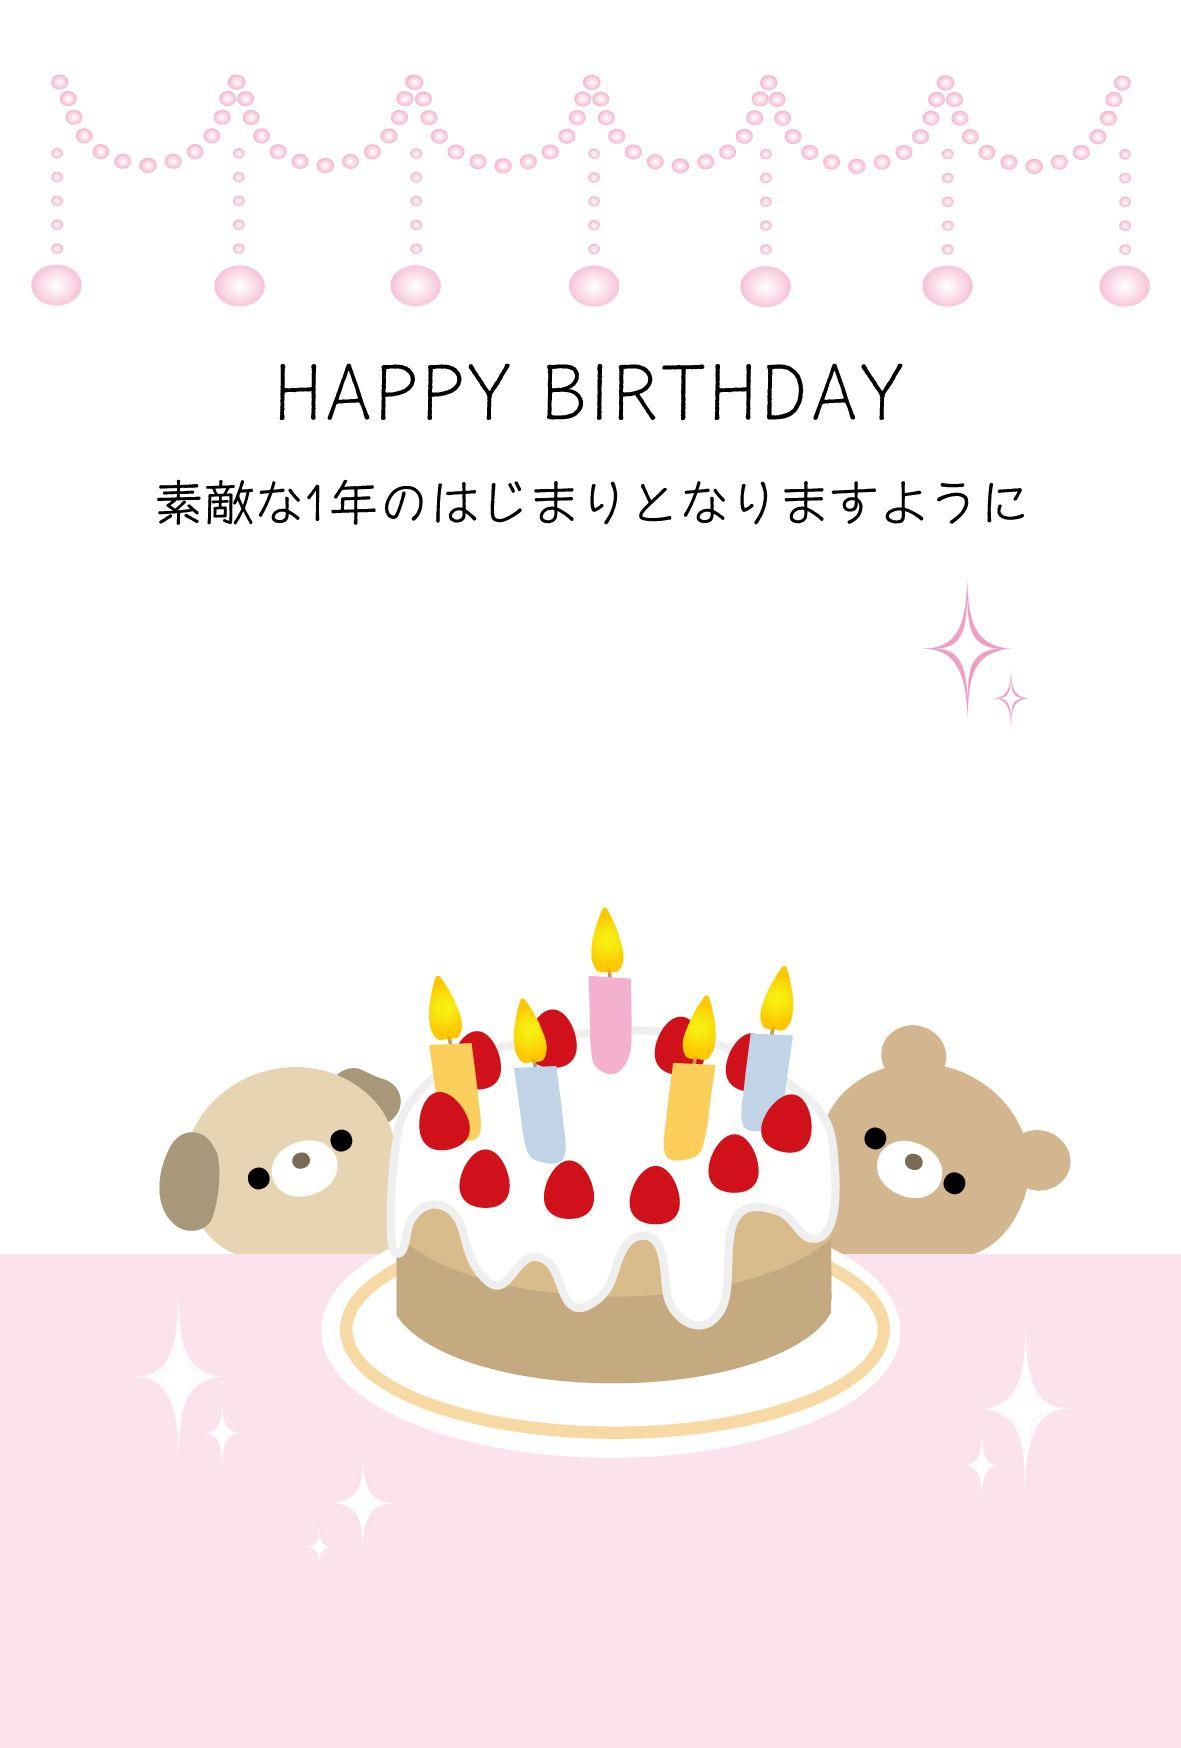 誕生 日 カード ポップアップ 無料 ダウンロード